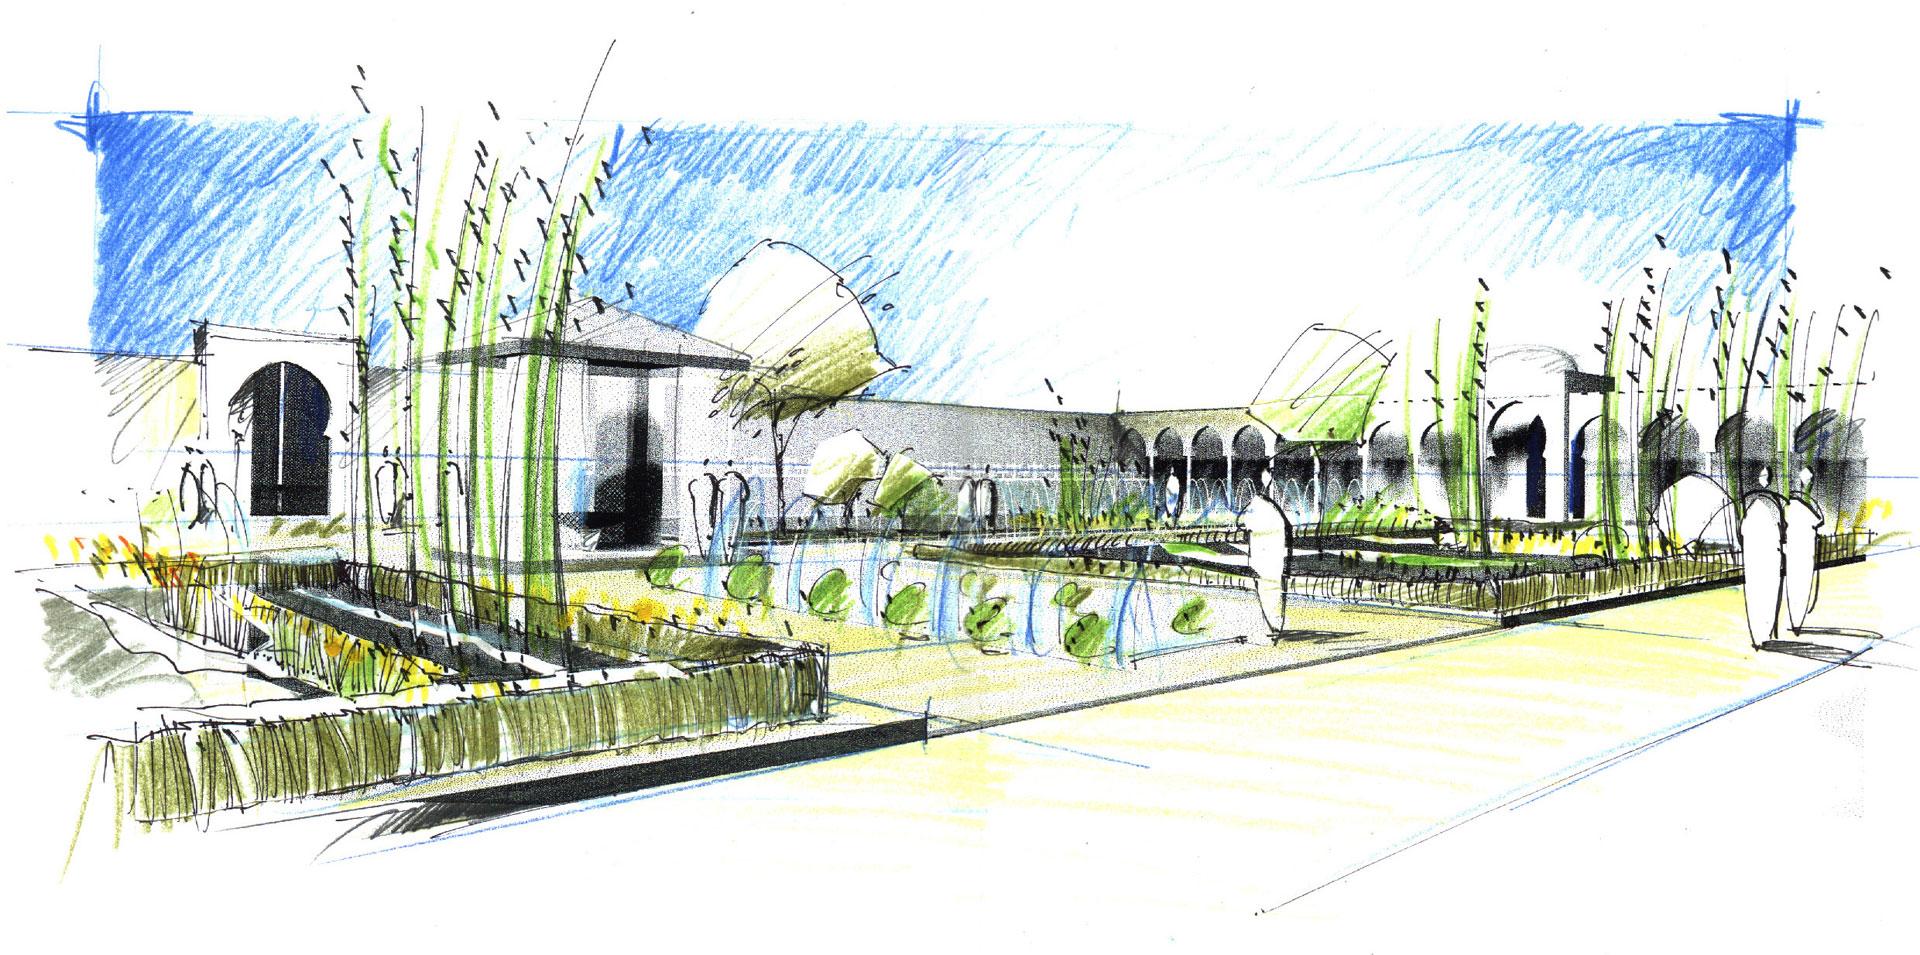 Stunning Landschaftsarchitektur Garten Skizze Images - Ridgewayng ...